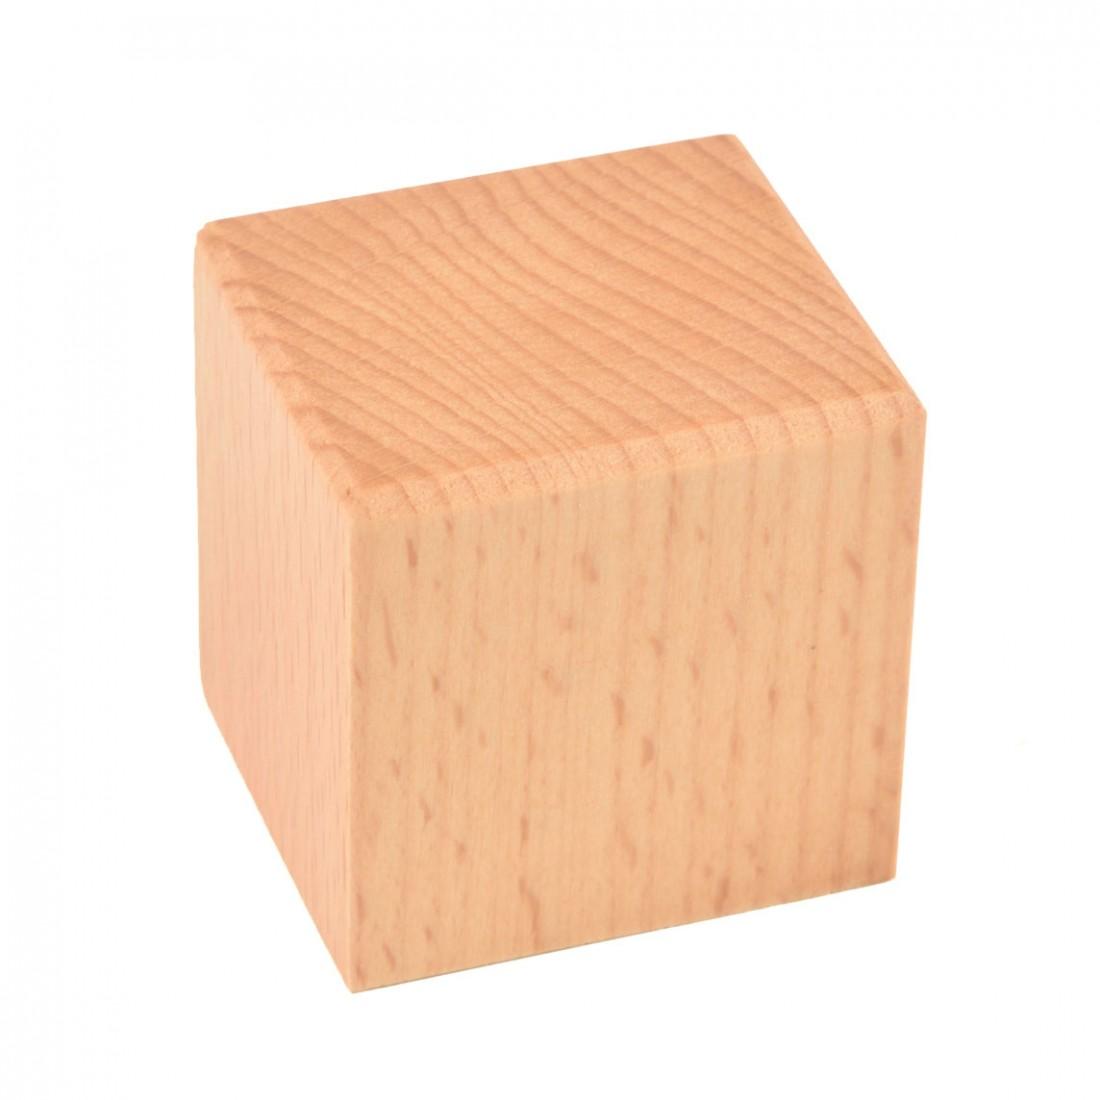 Base de columna de madera mm.45x40x45 barnizada